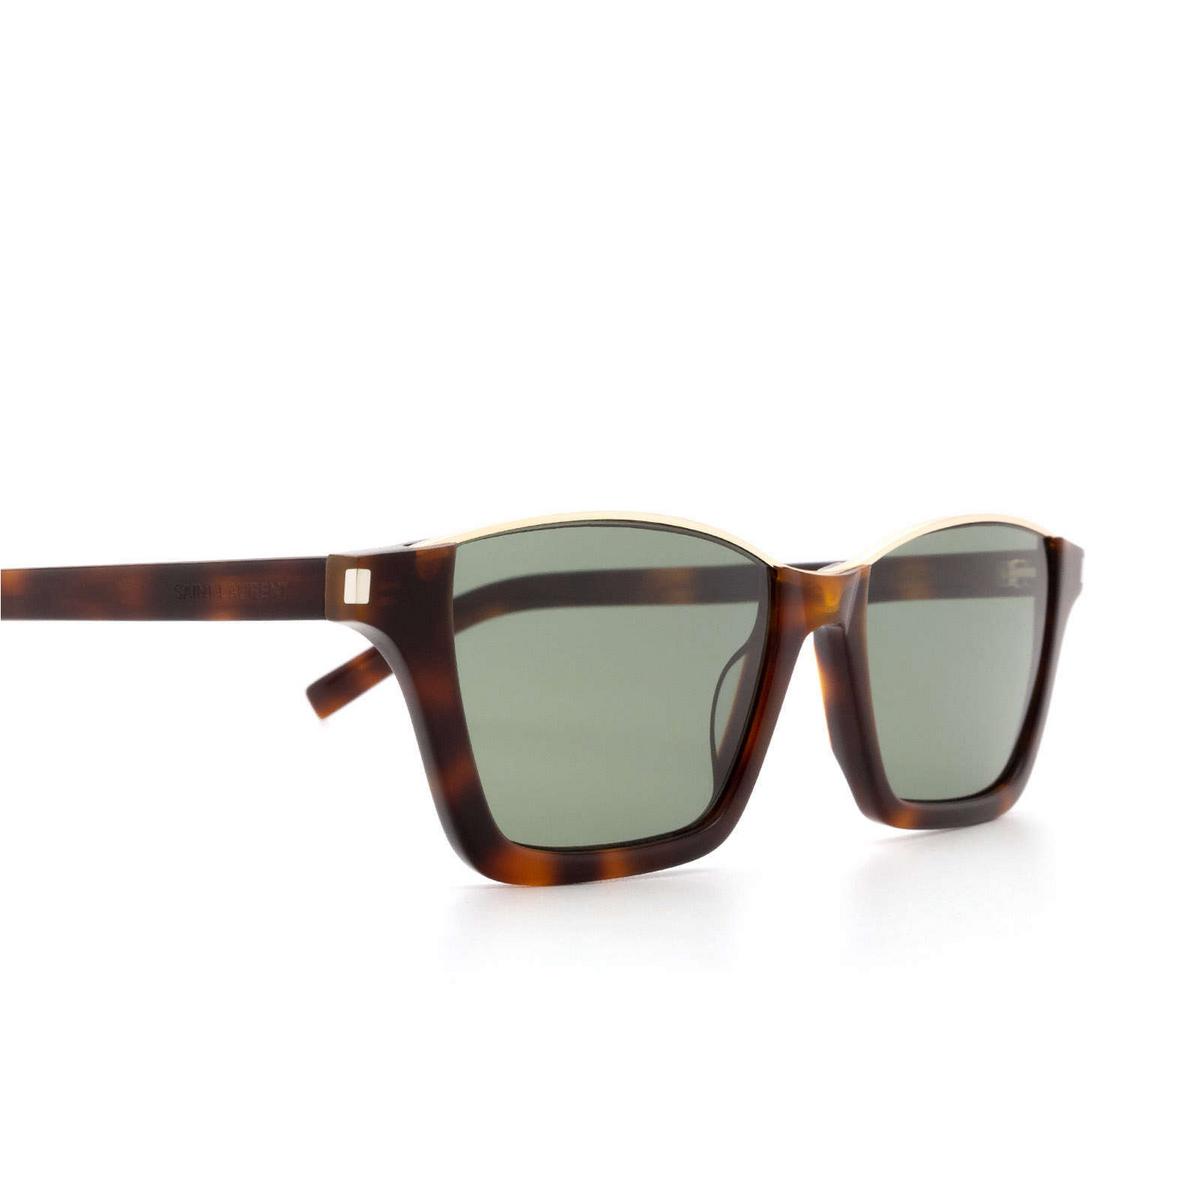 Saint Laurent® Square Sunglasses: Dylan SL 365 color Havana 001 - 3/3.